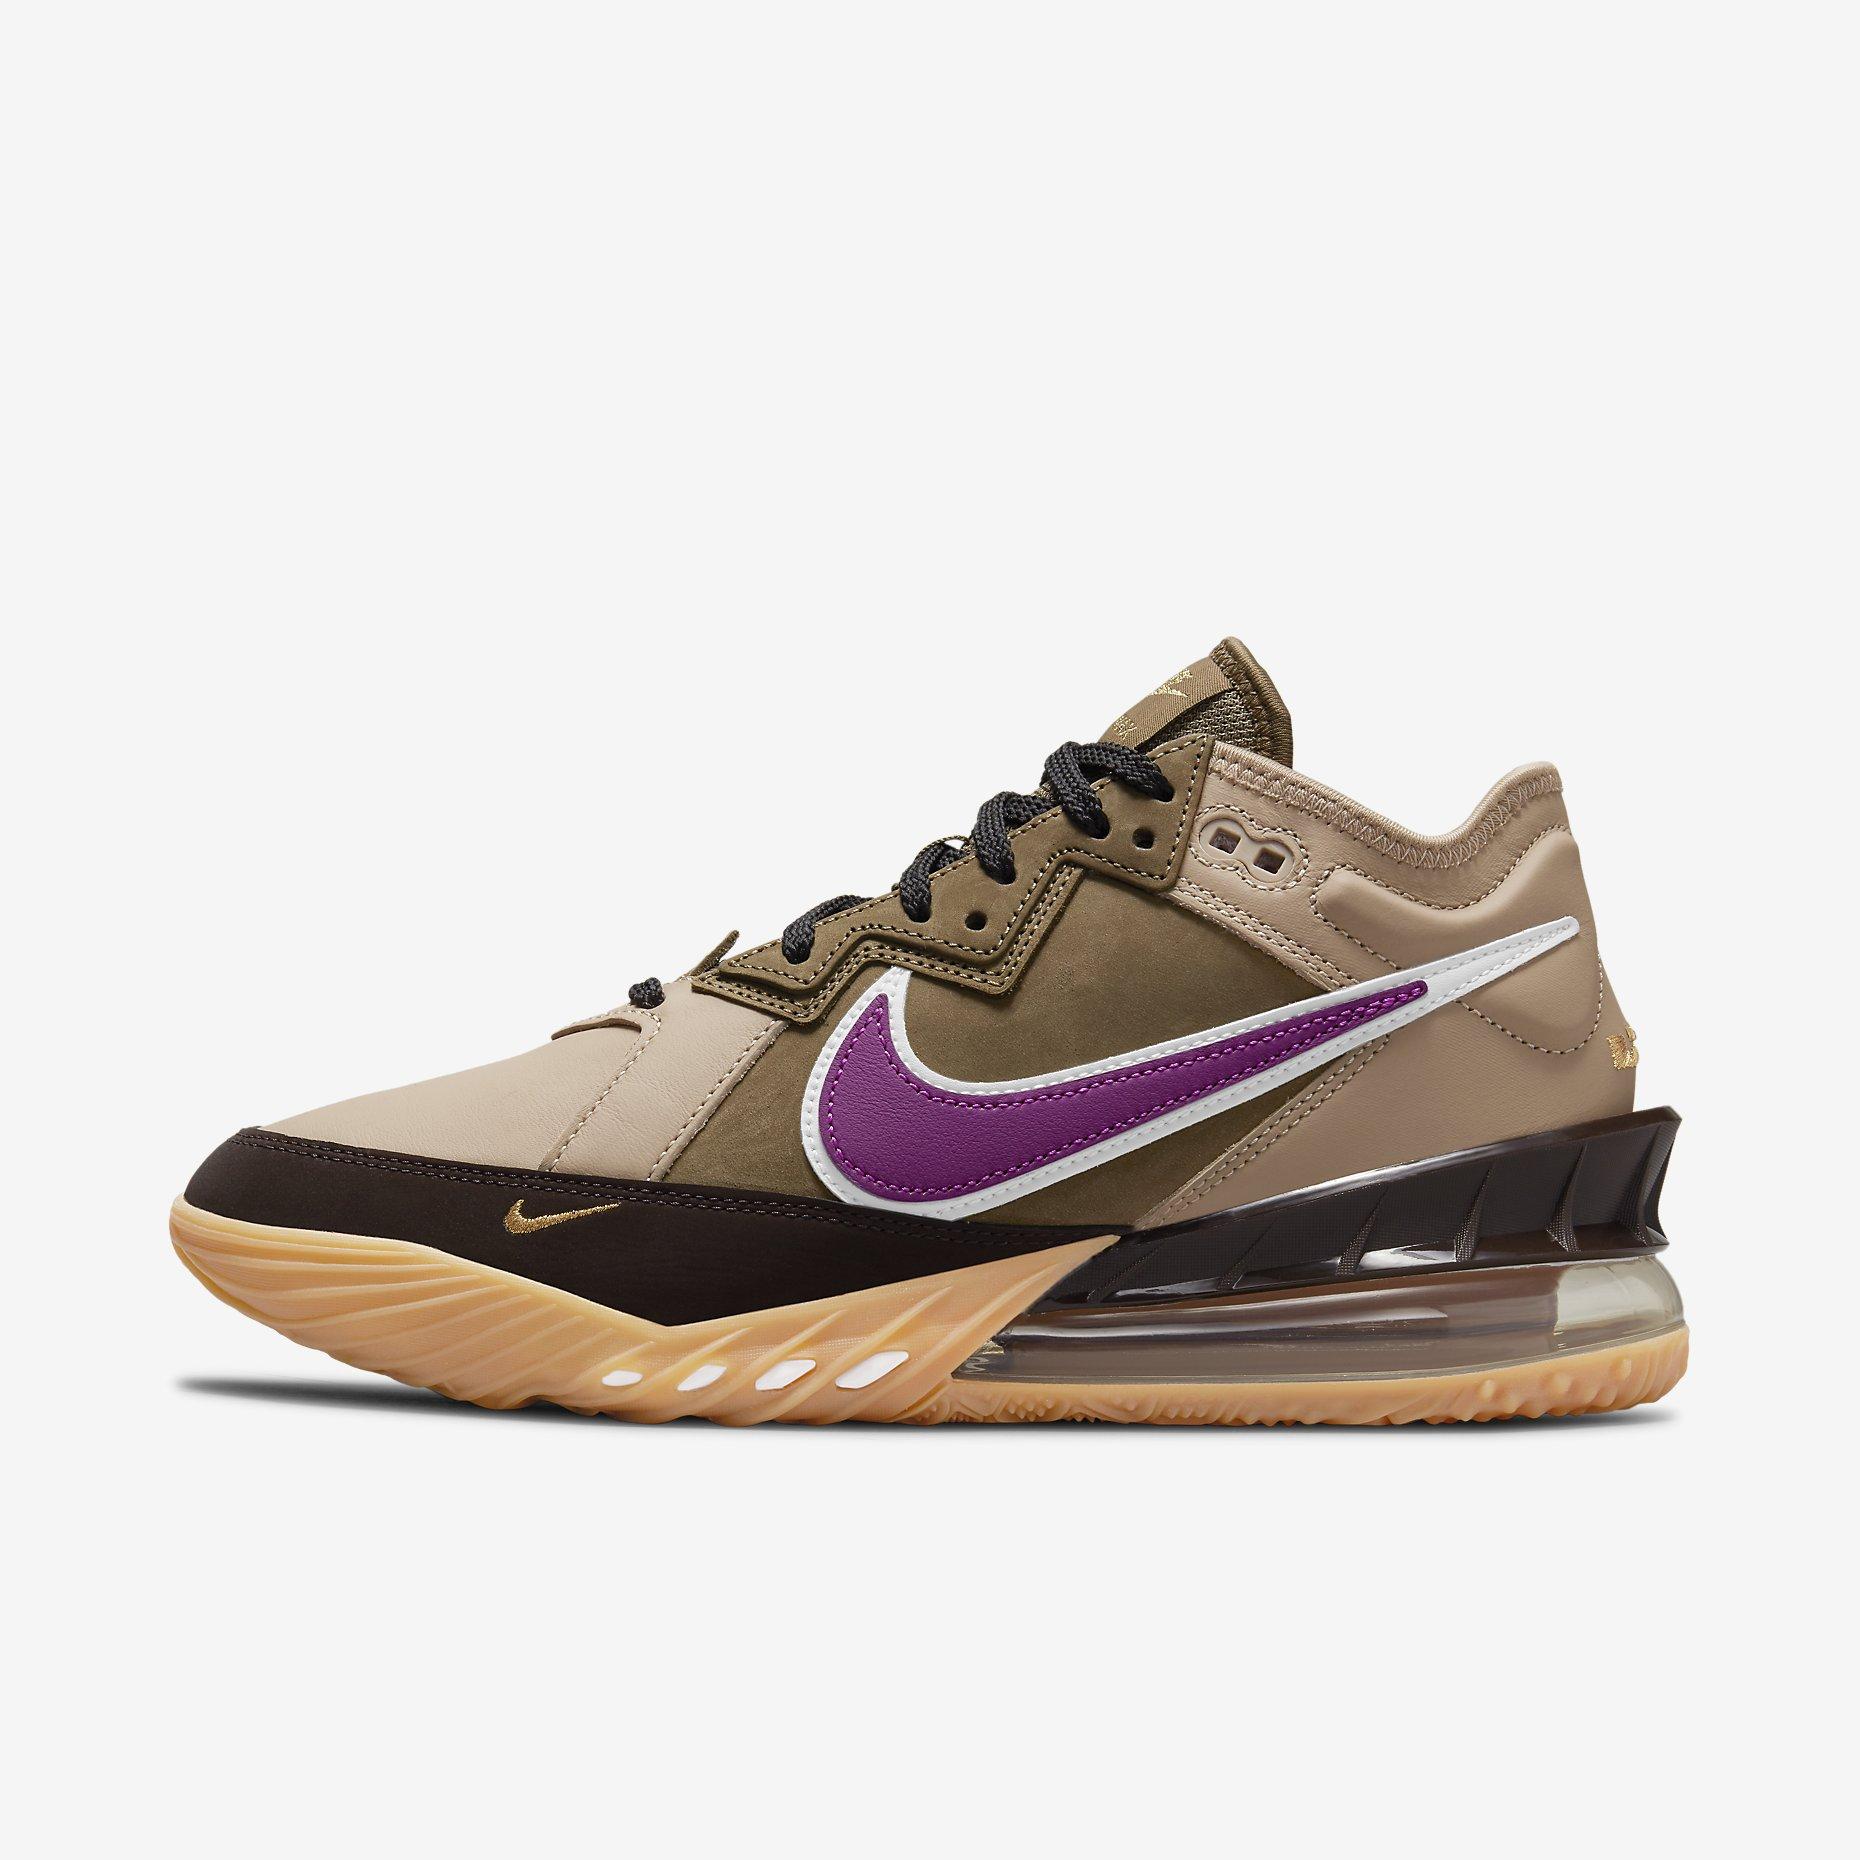 Atmos x Nike LeBron 18 Low 'Viotech'}